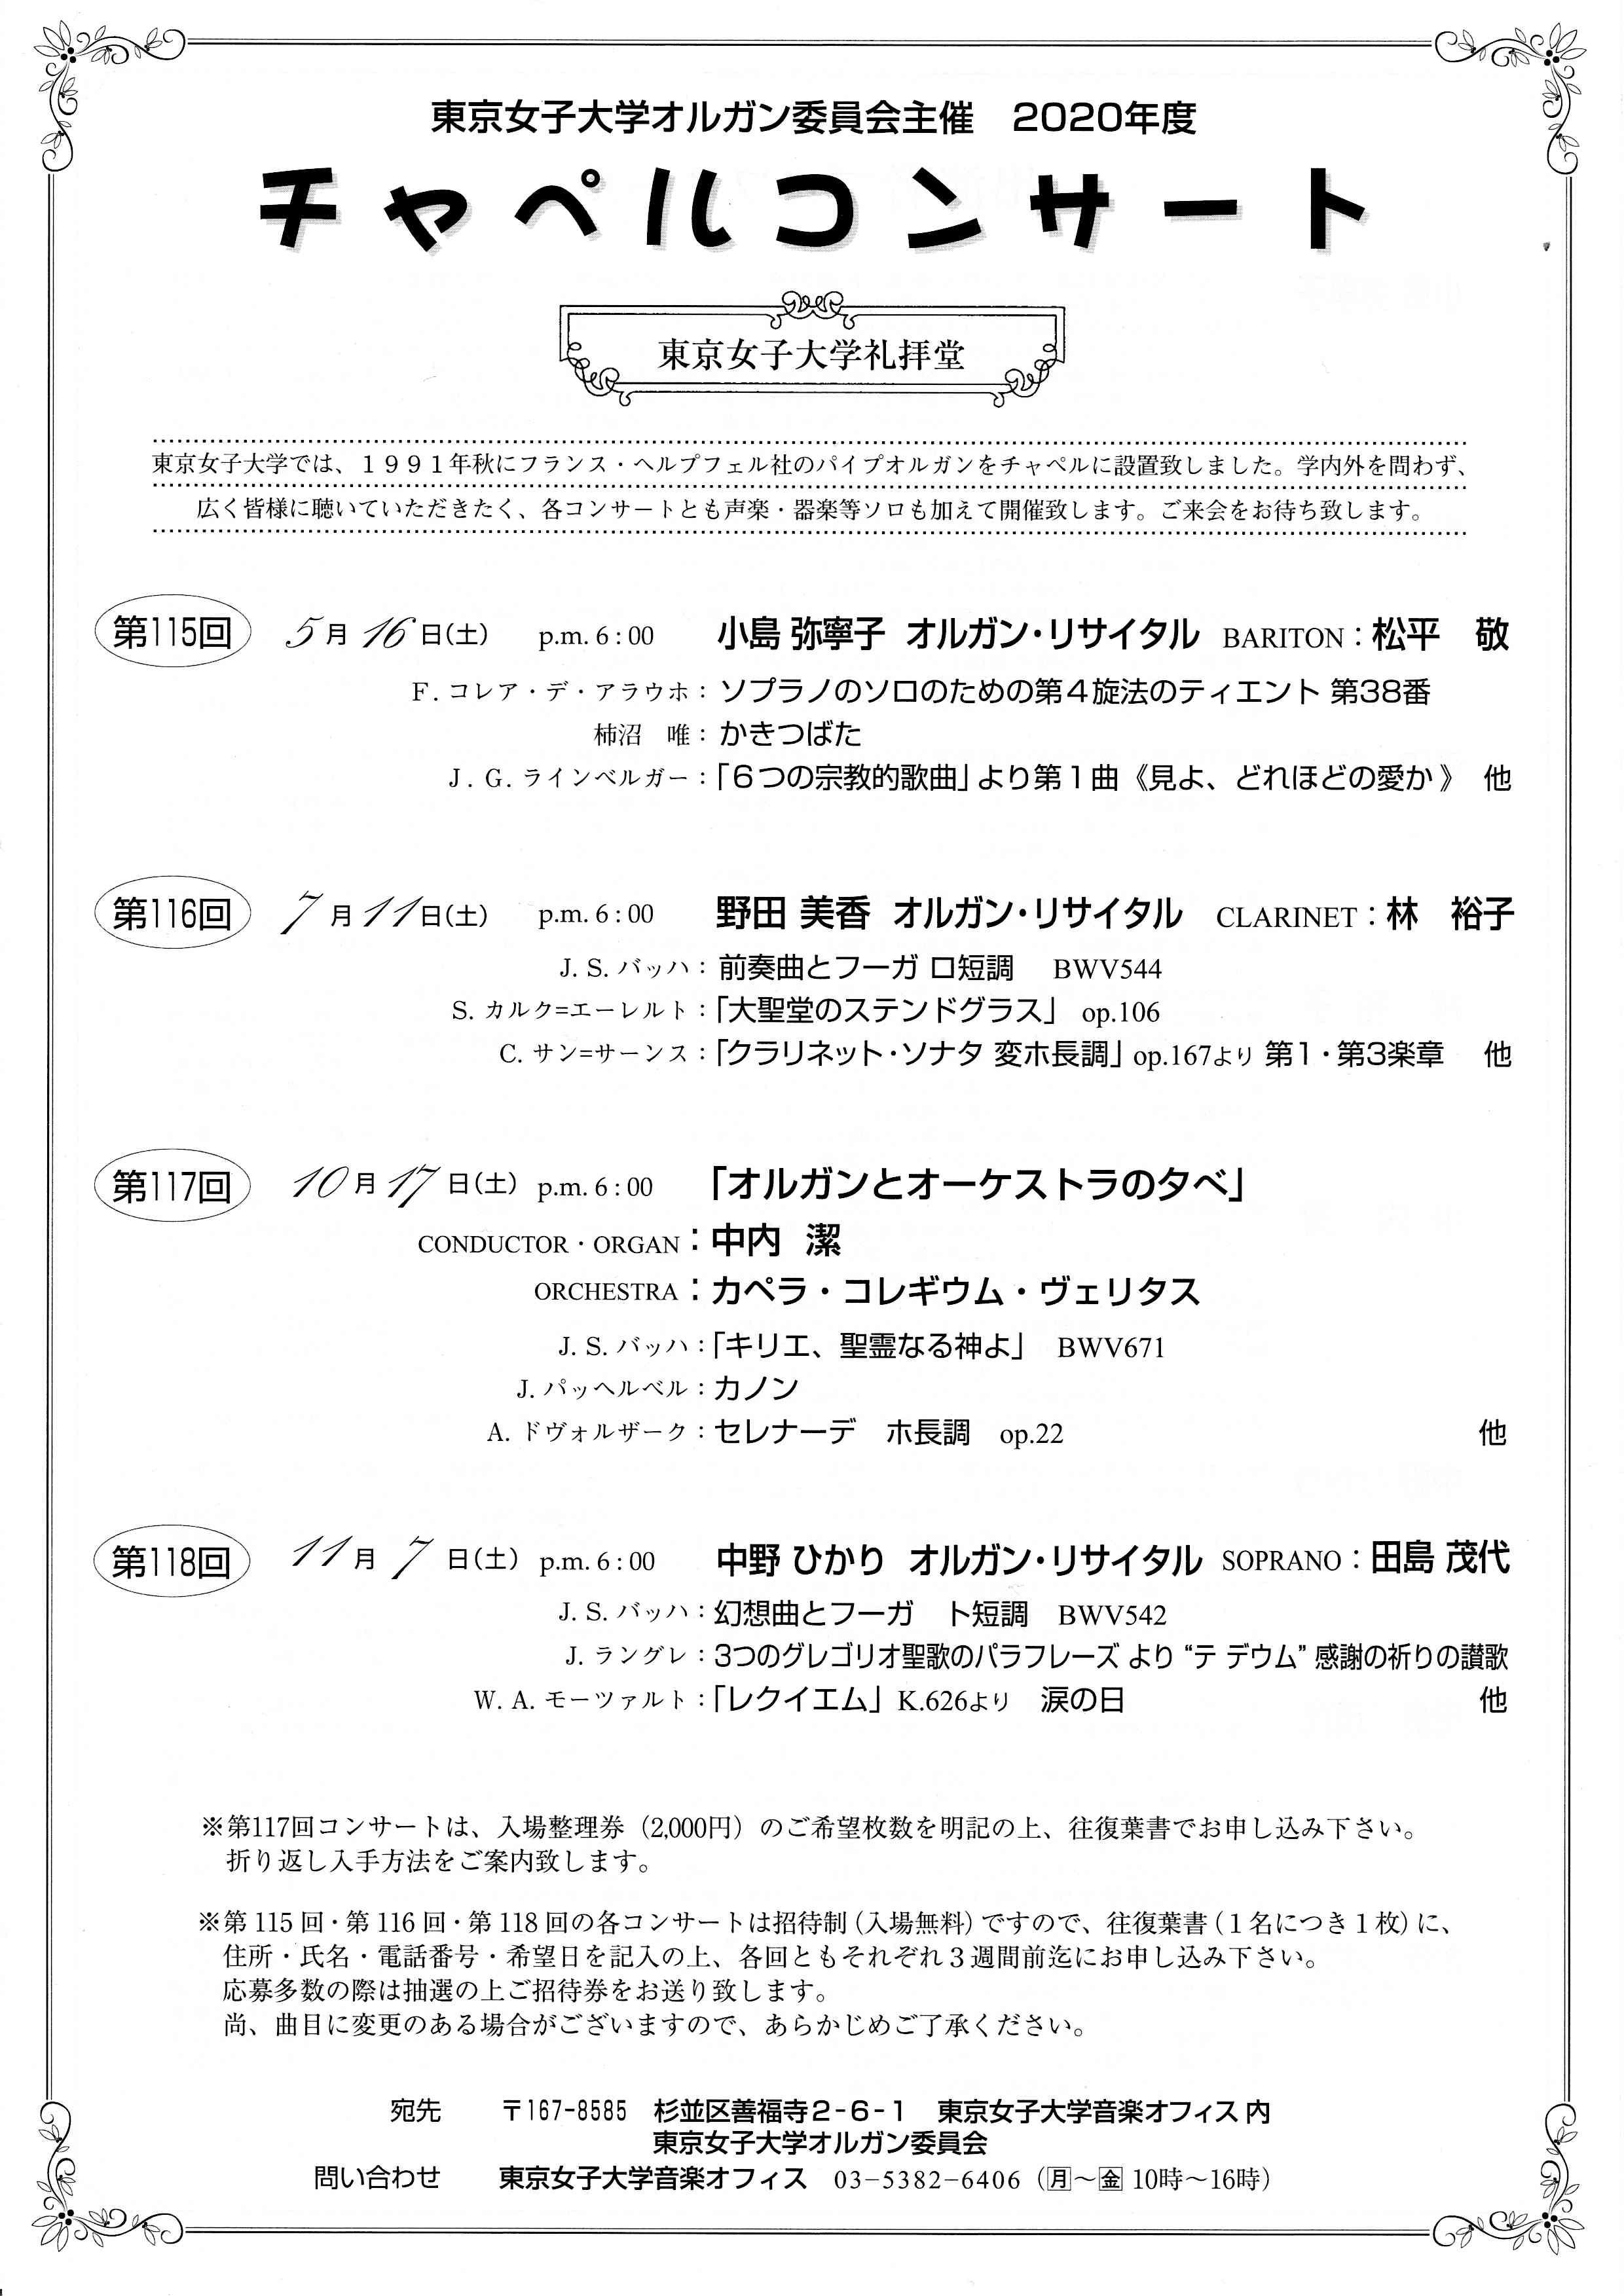 東京女子大学チャペルコンサート【来年度に延期】